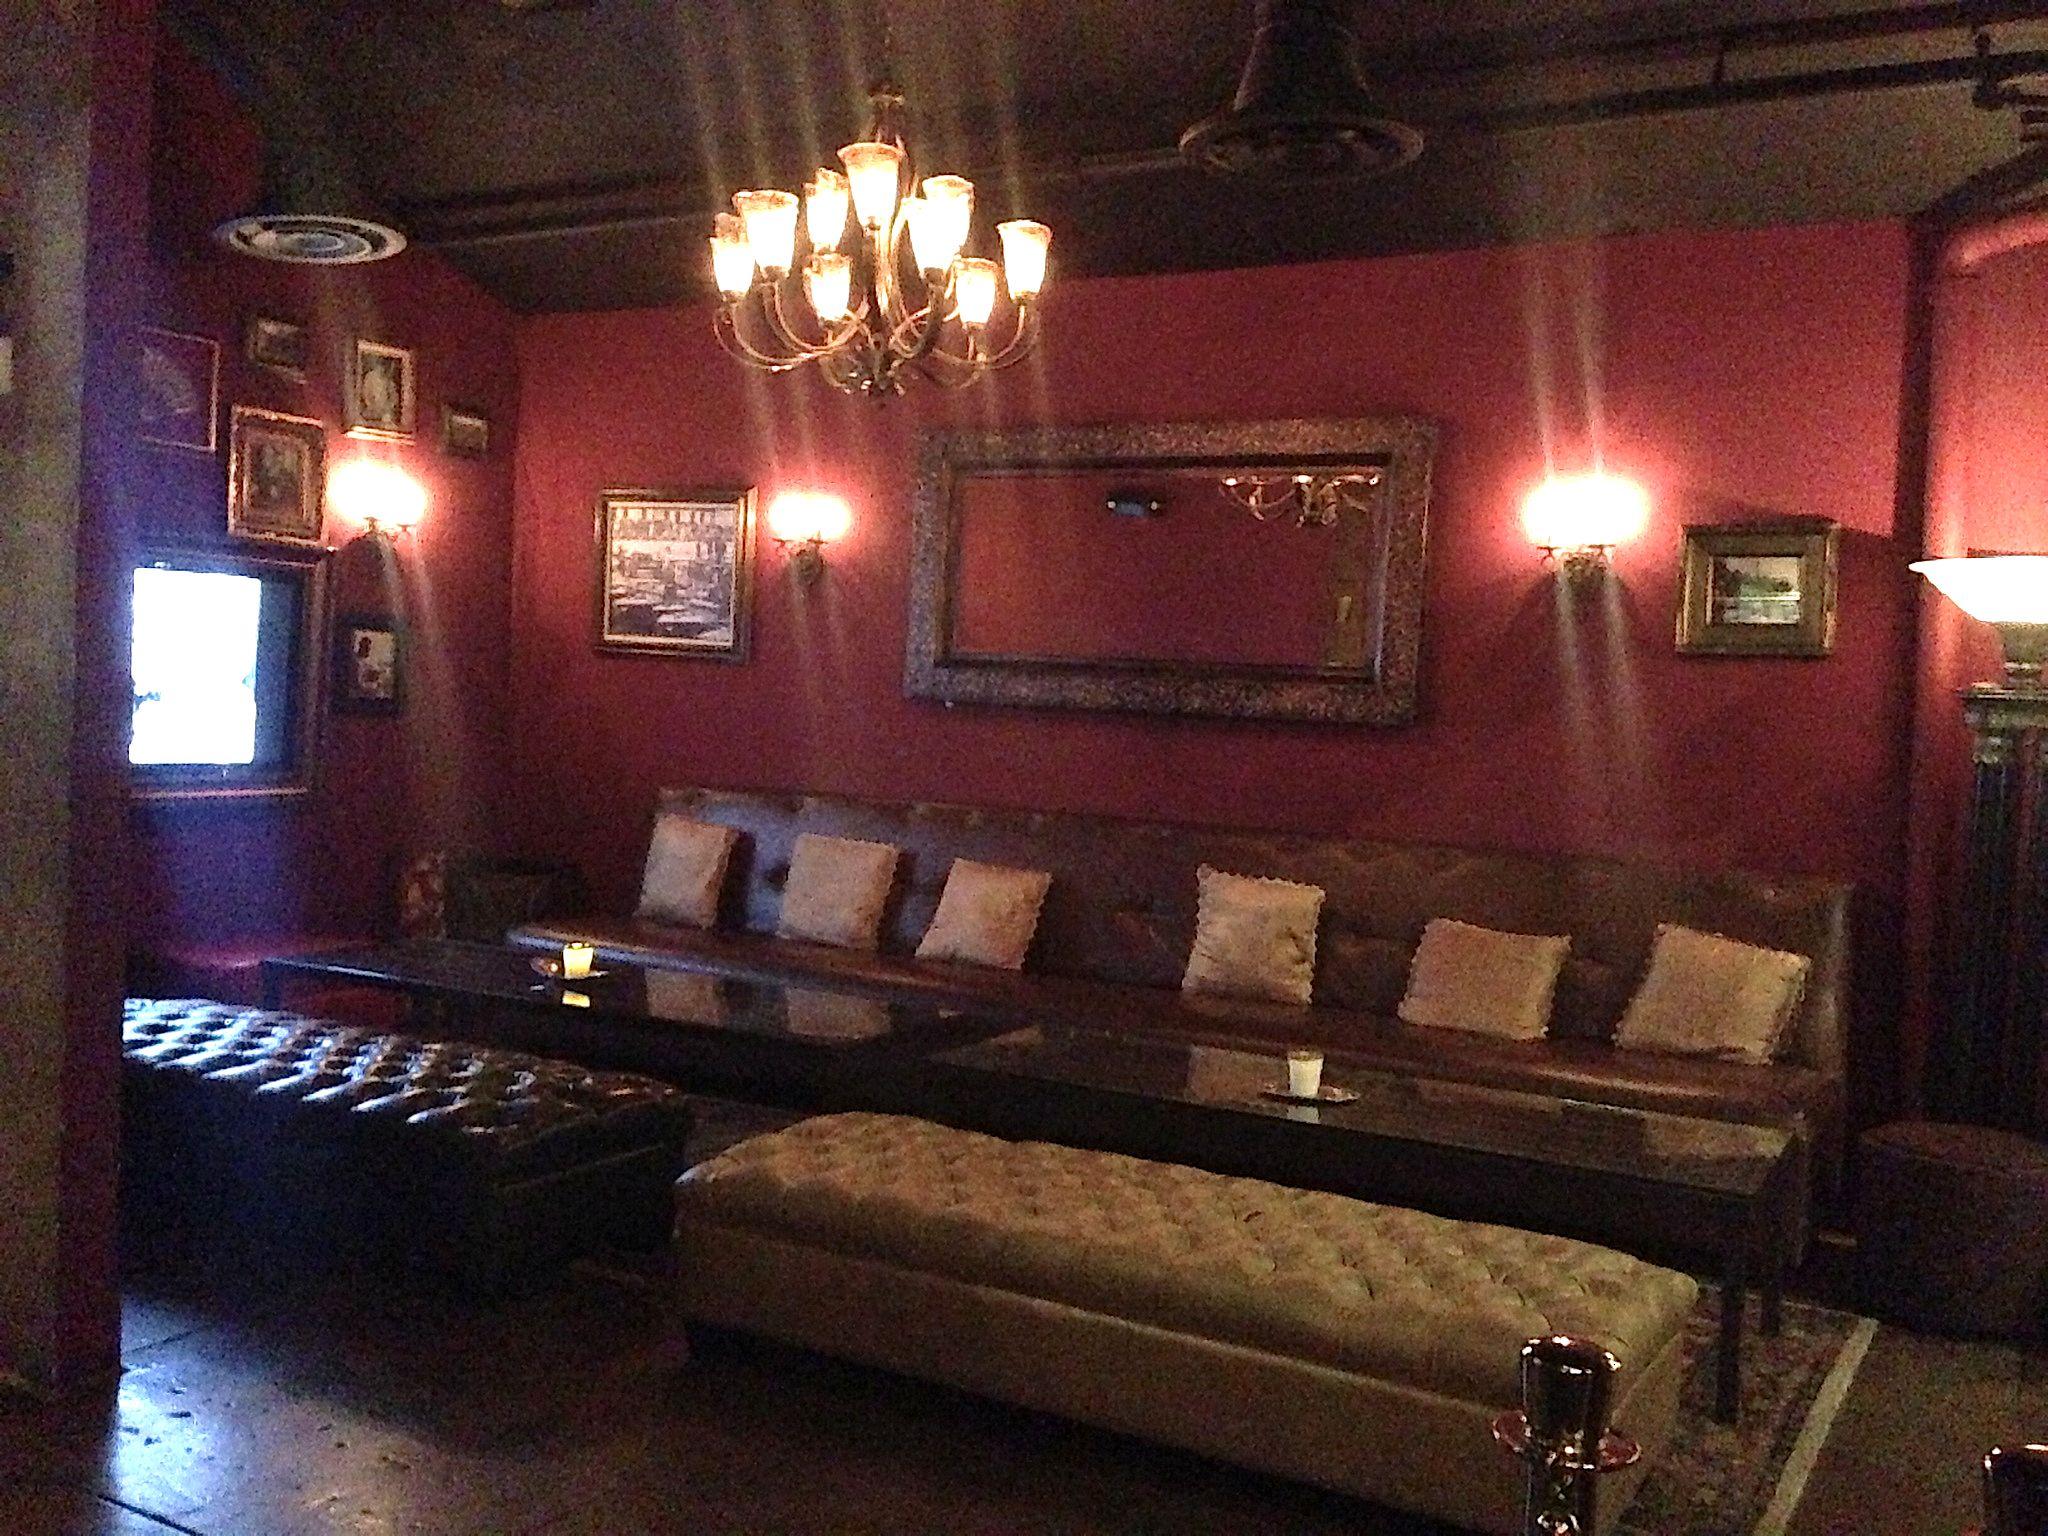 Cuban Cigar Lounge Decor Cigar Lounge Decor Lounge Decor Cuban Decor